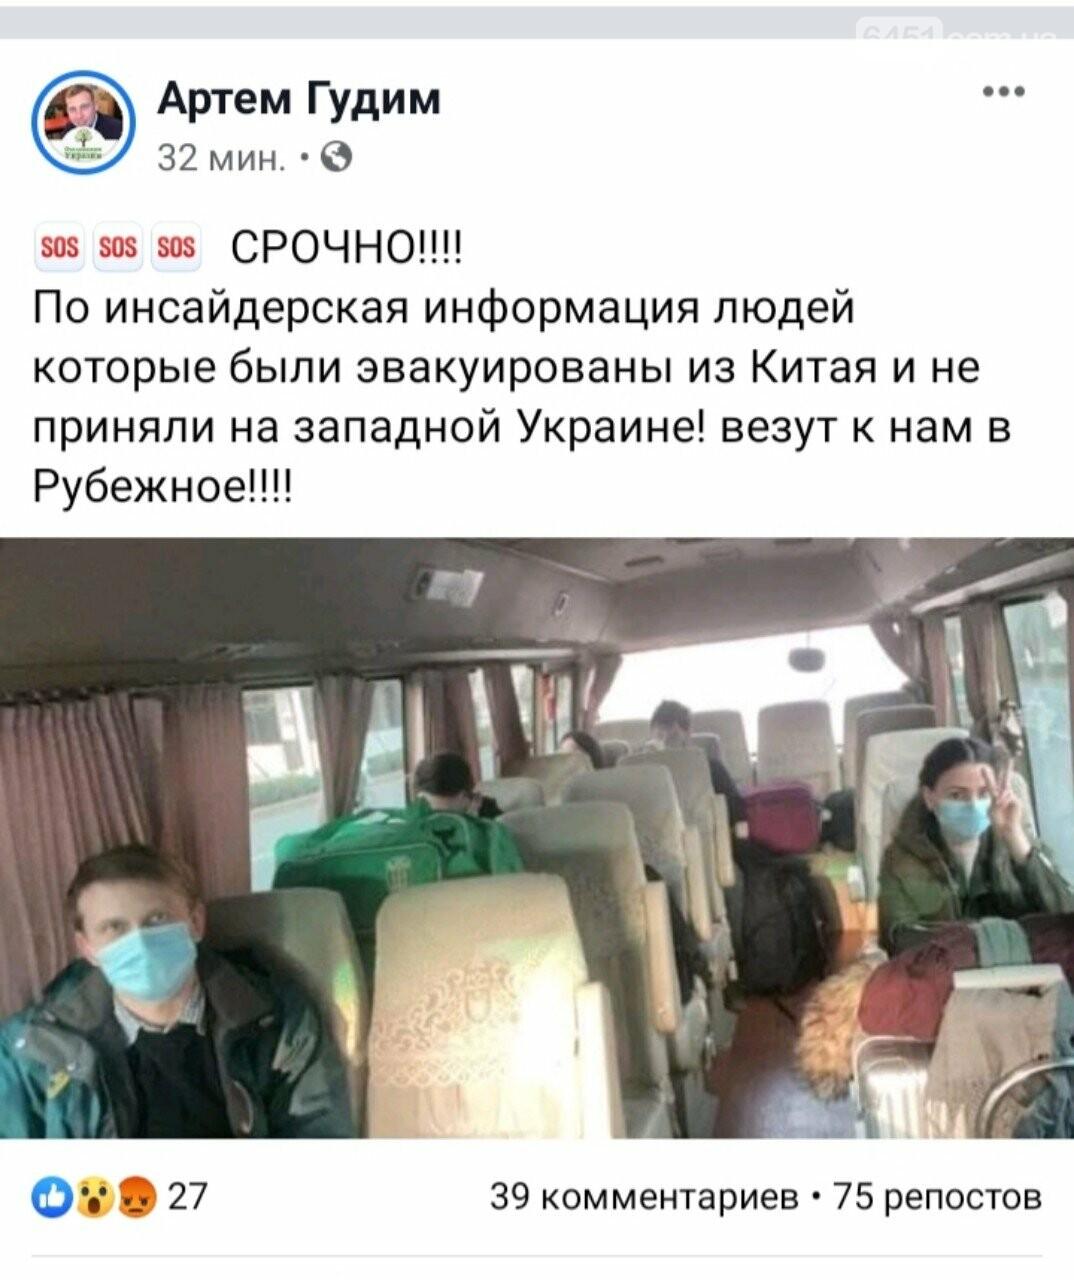 Правда ли, что украинцев из города Ухань привезут в Рубежное? , фото-1